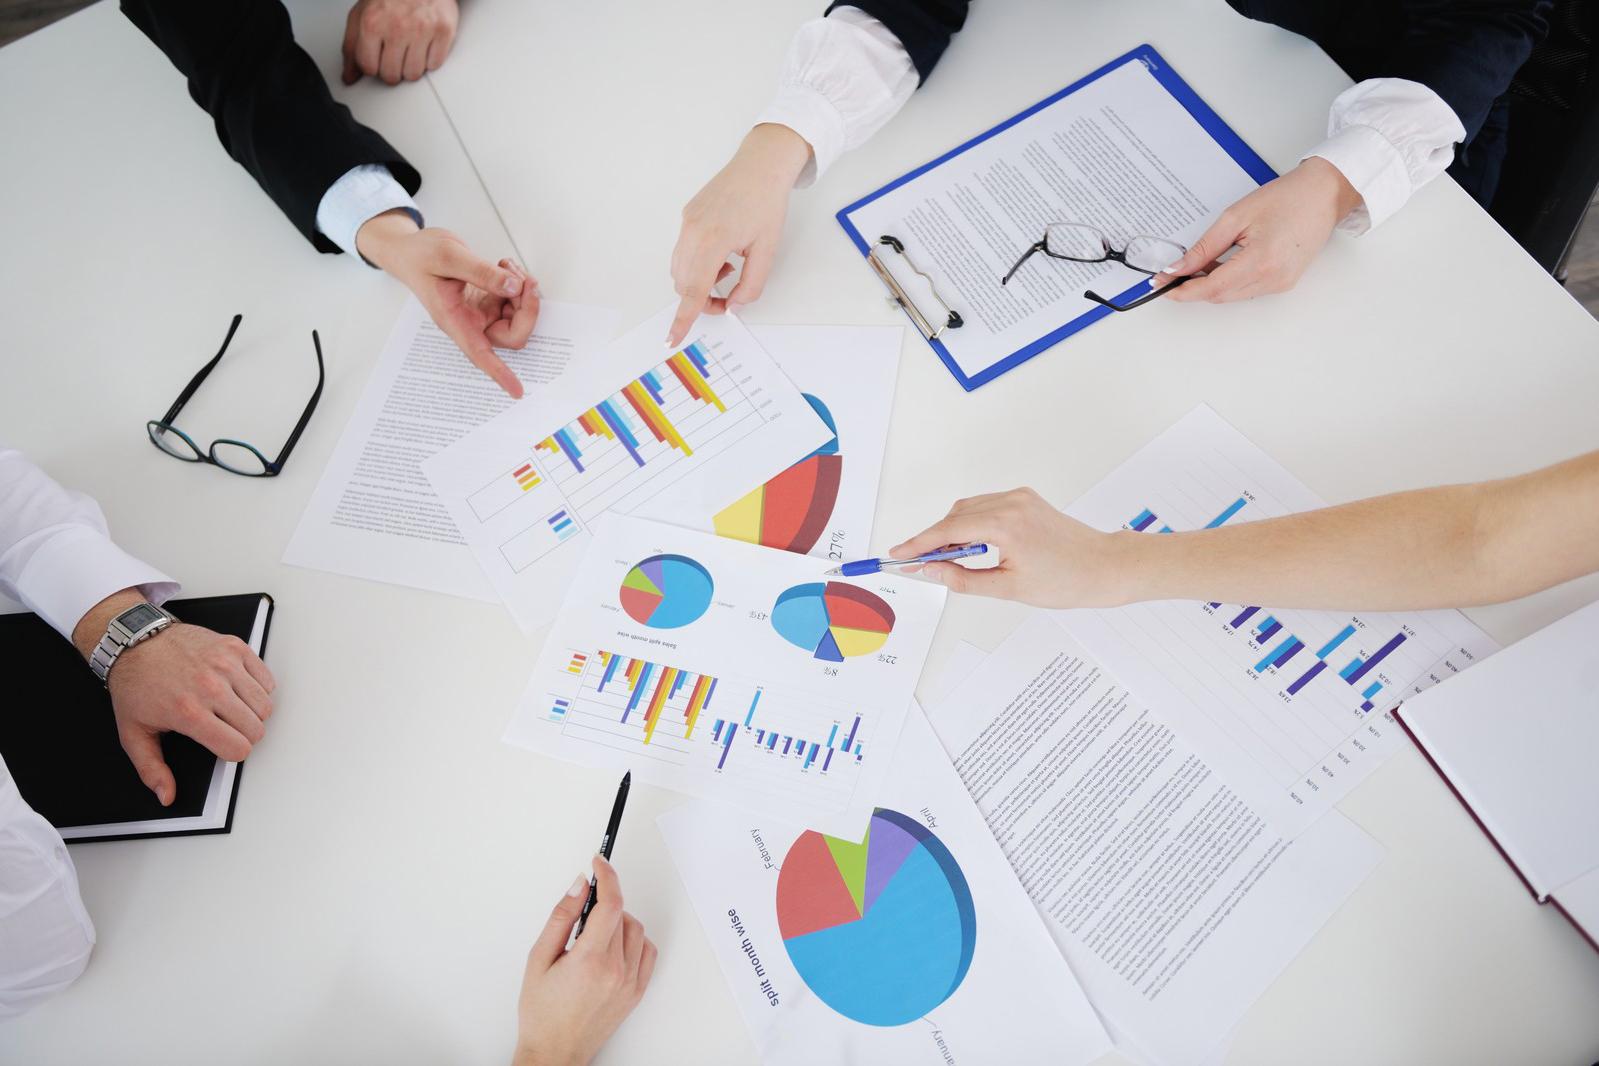 Для чего в бизнес-плане нужен раздел — анализ возможных рисков